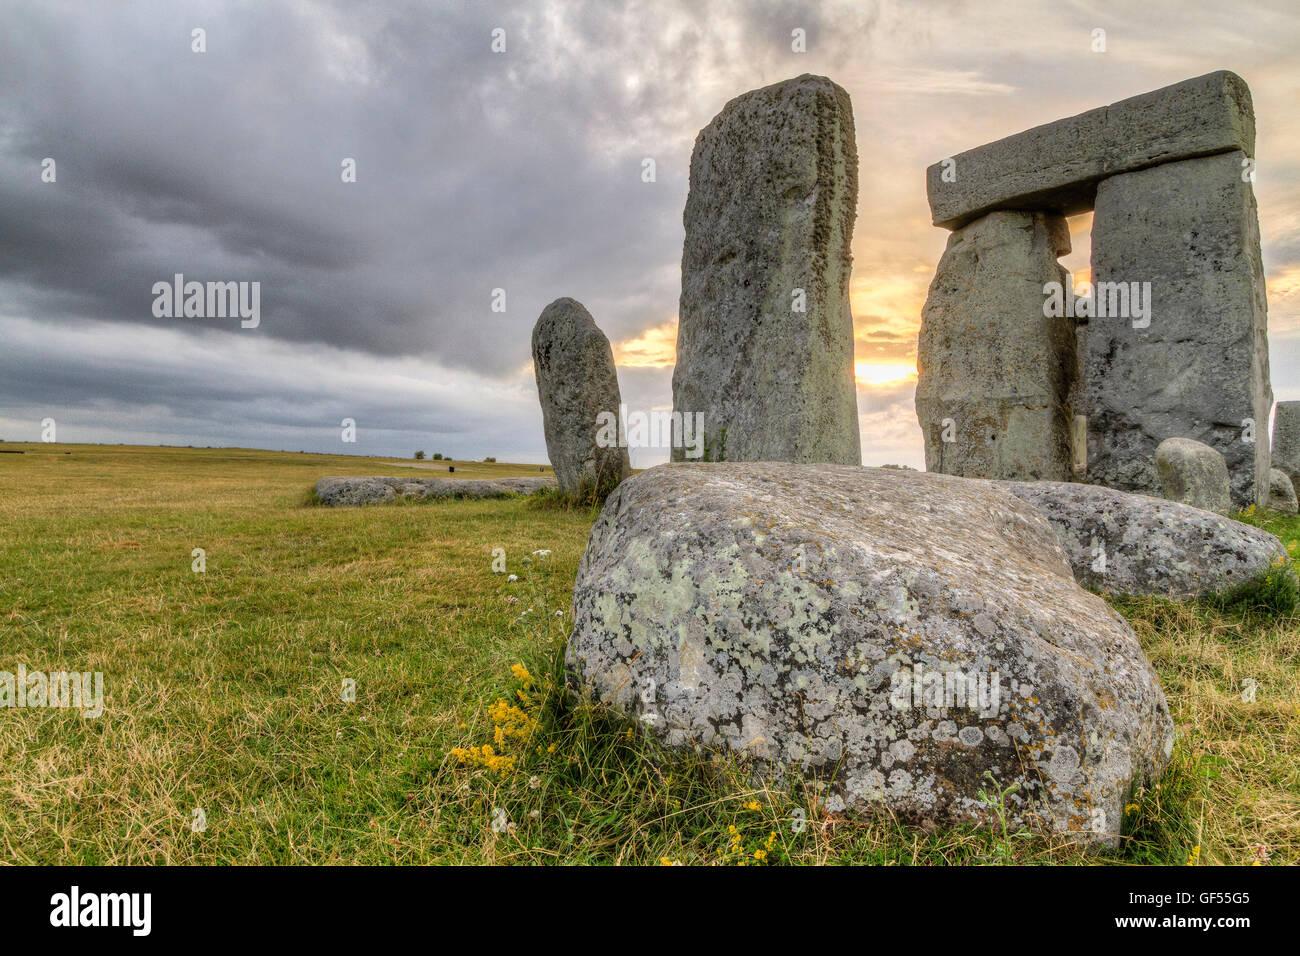 Stonehenge at Sunset, England - Stock Image